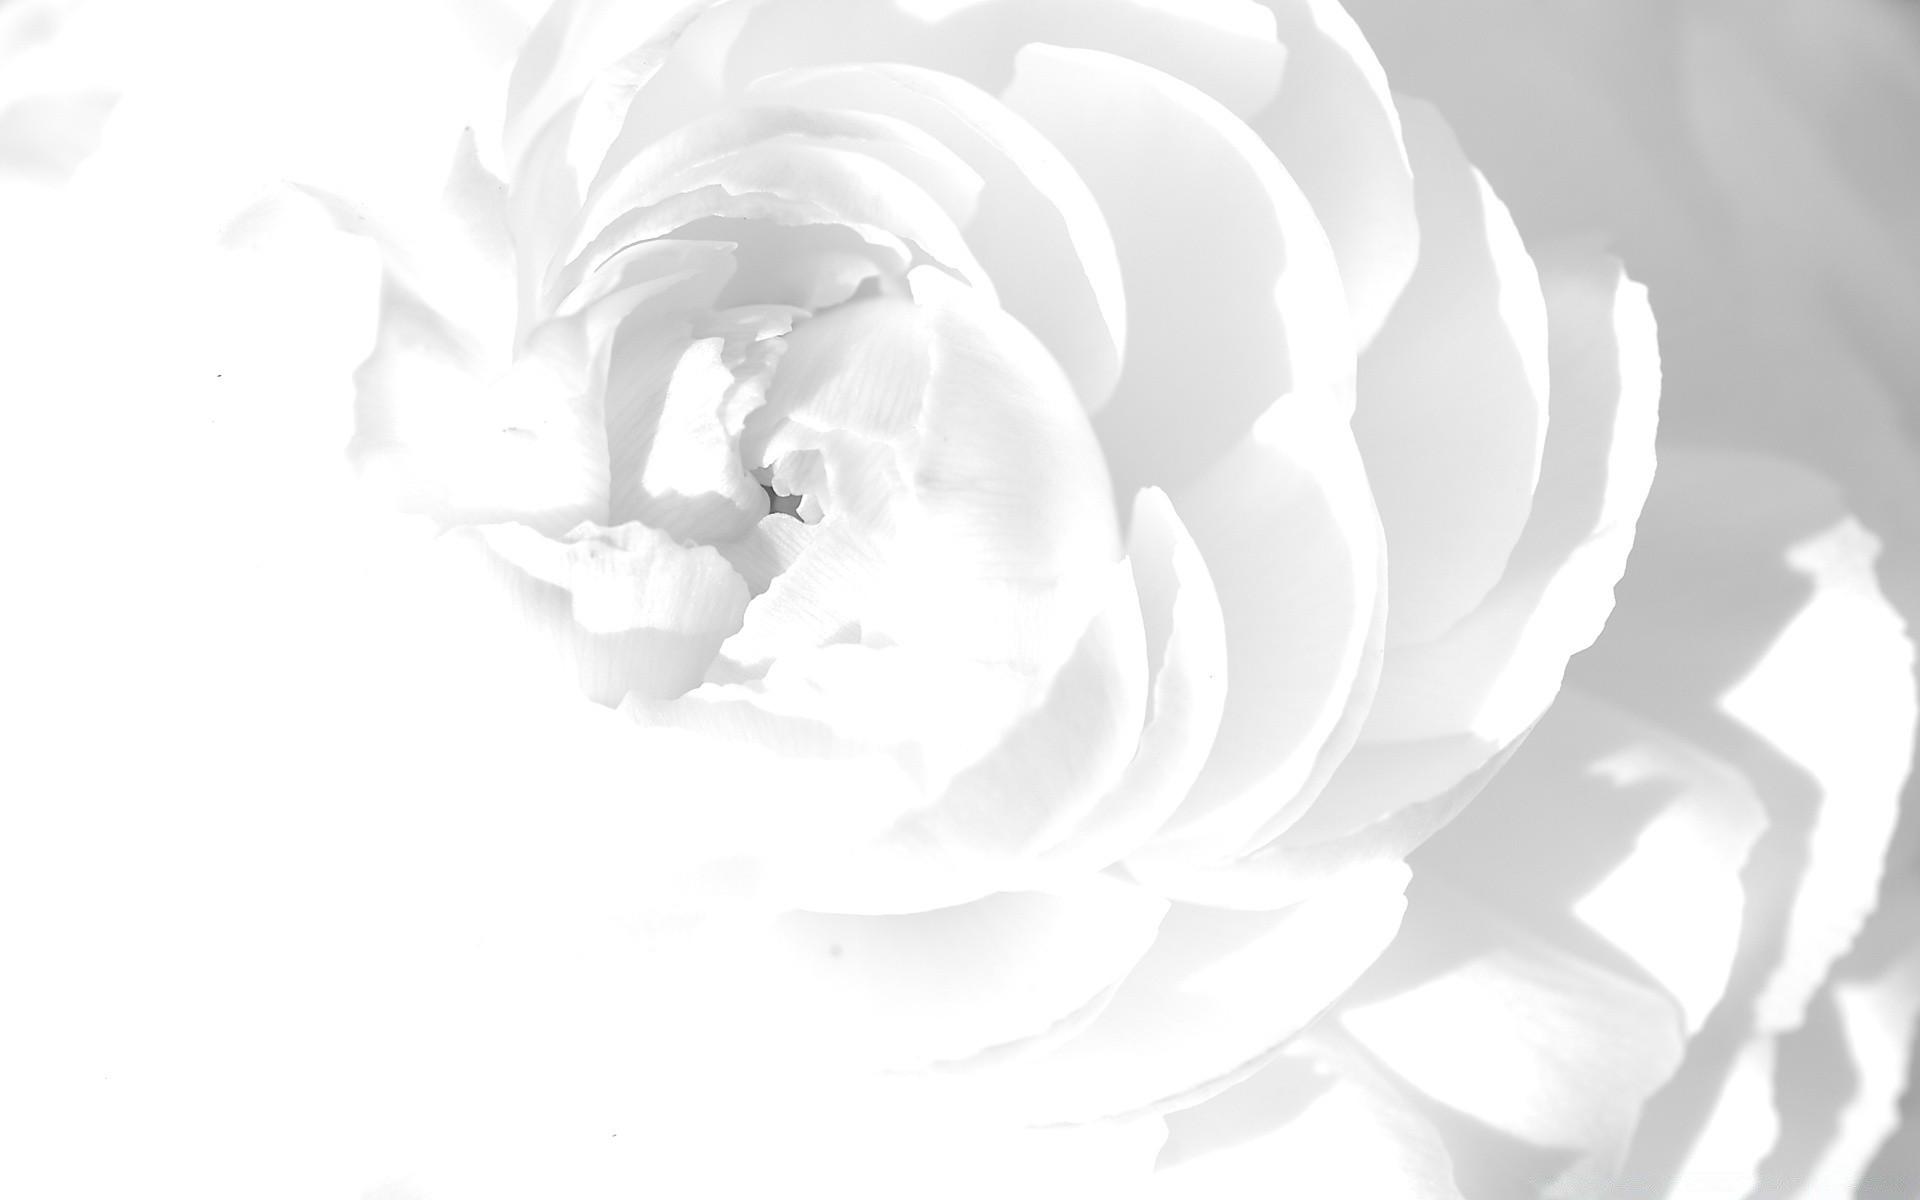 Картинки на рабочий стол в белом цвете